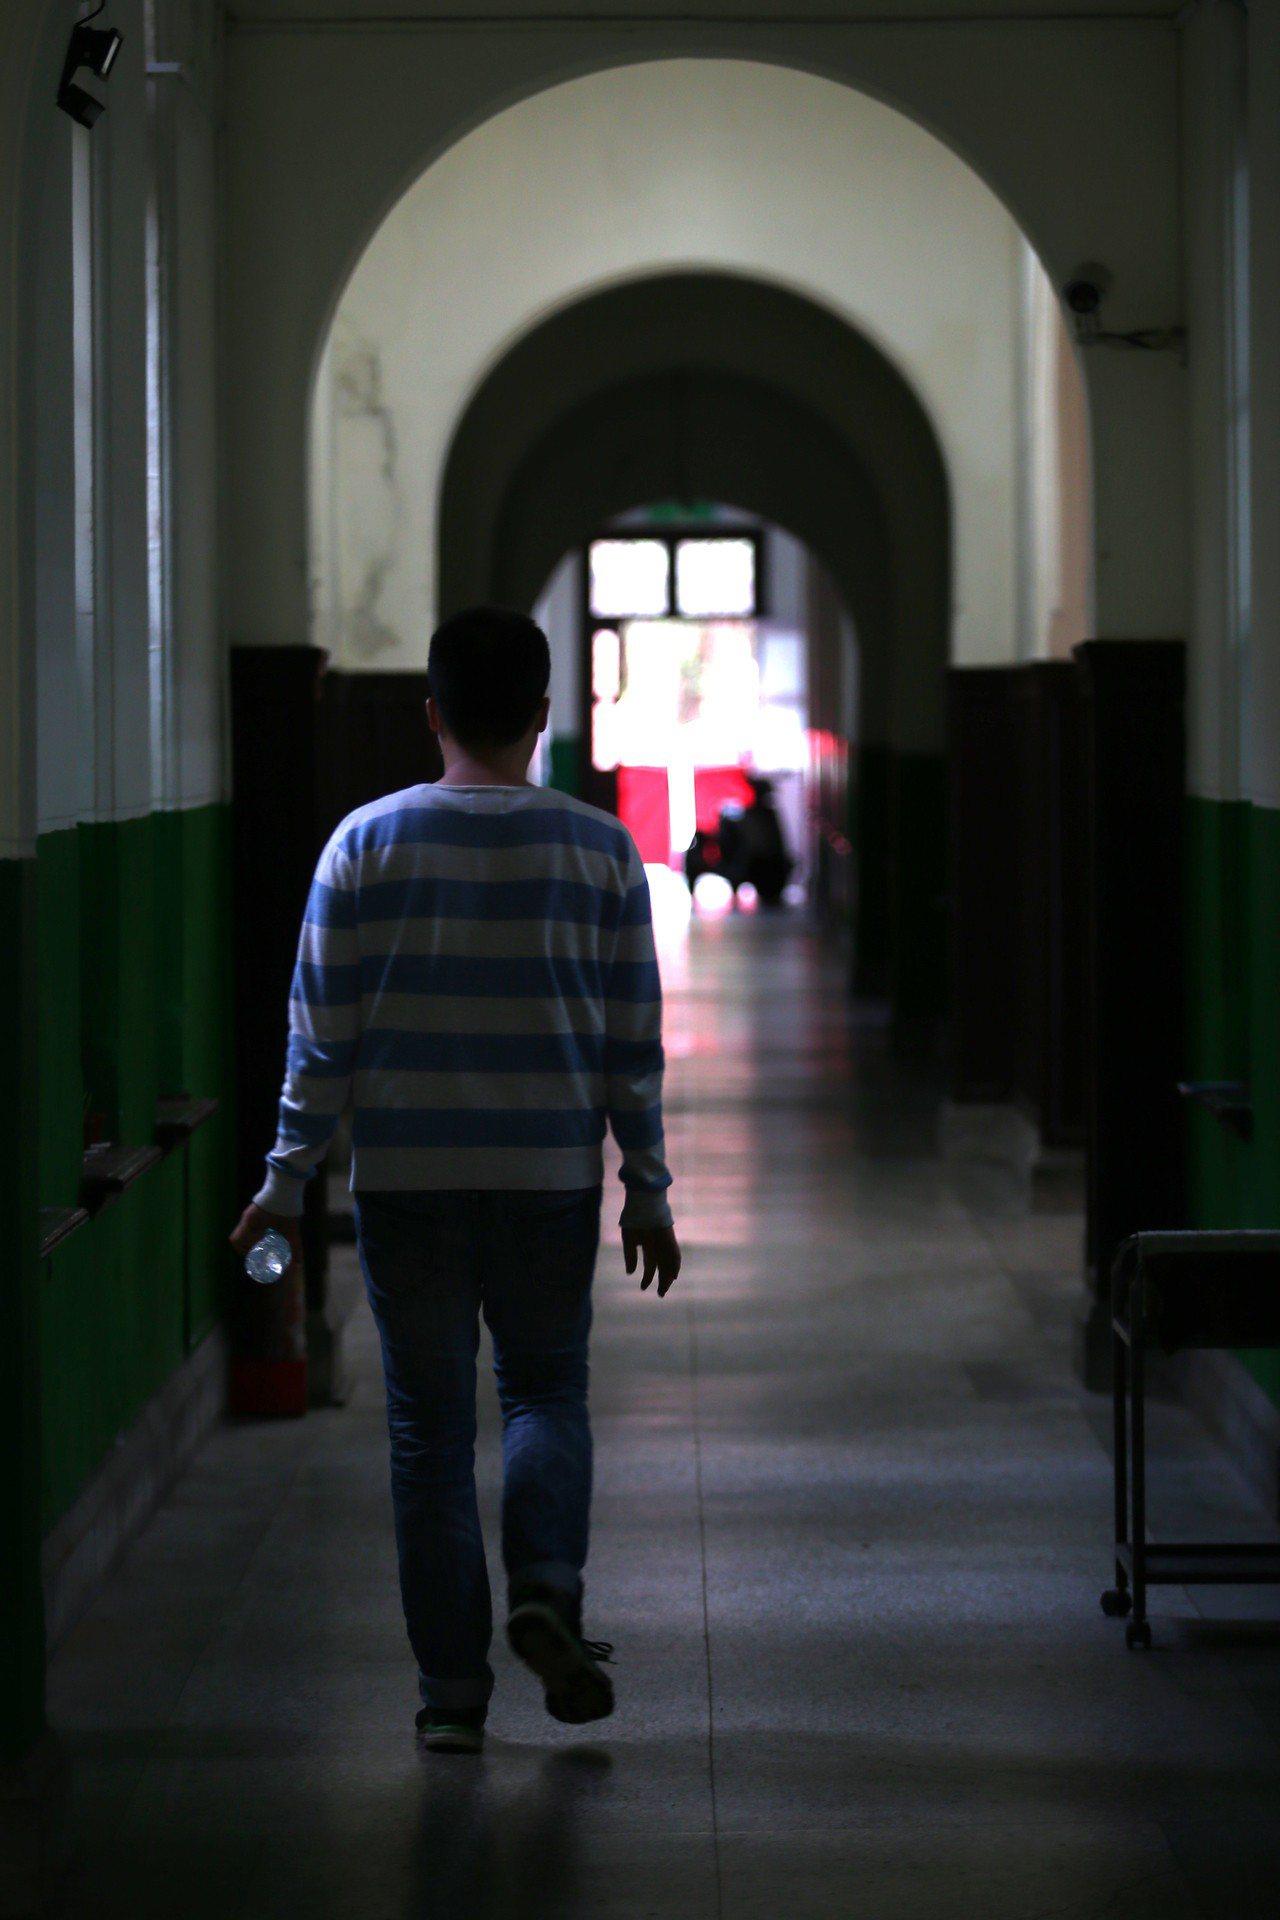 大陸針對台灣學生招手,才從學測頂標降至均標,昨又公布針對台灣高教老師釋出利多,國...